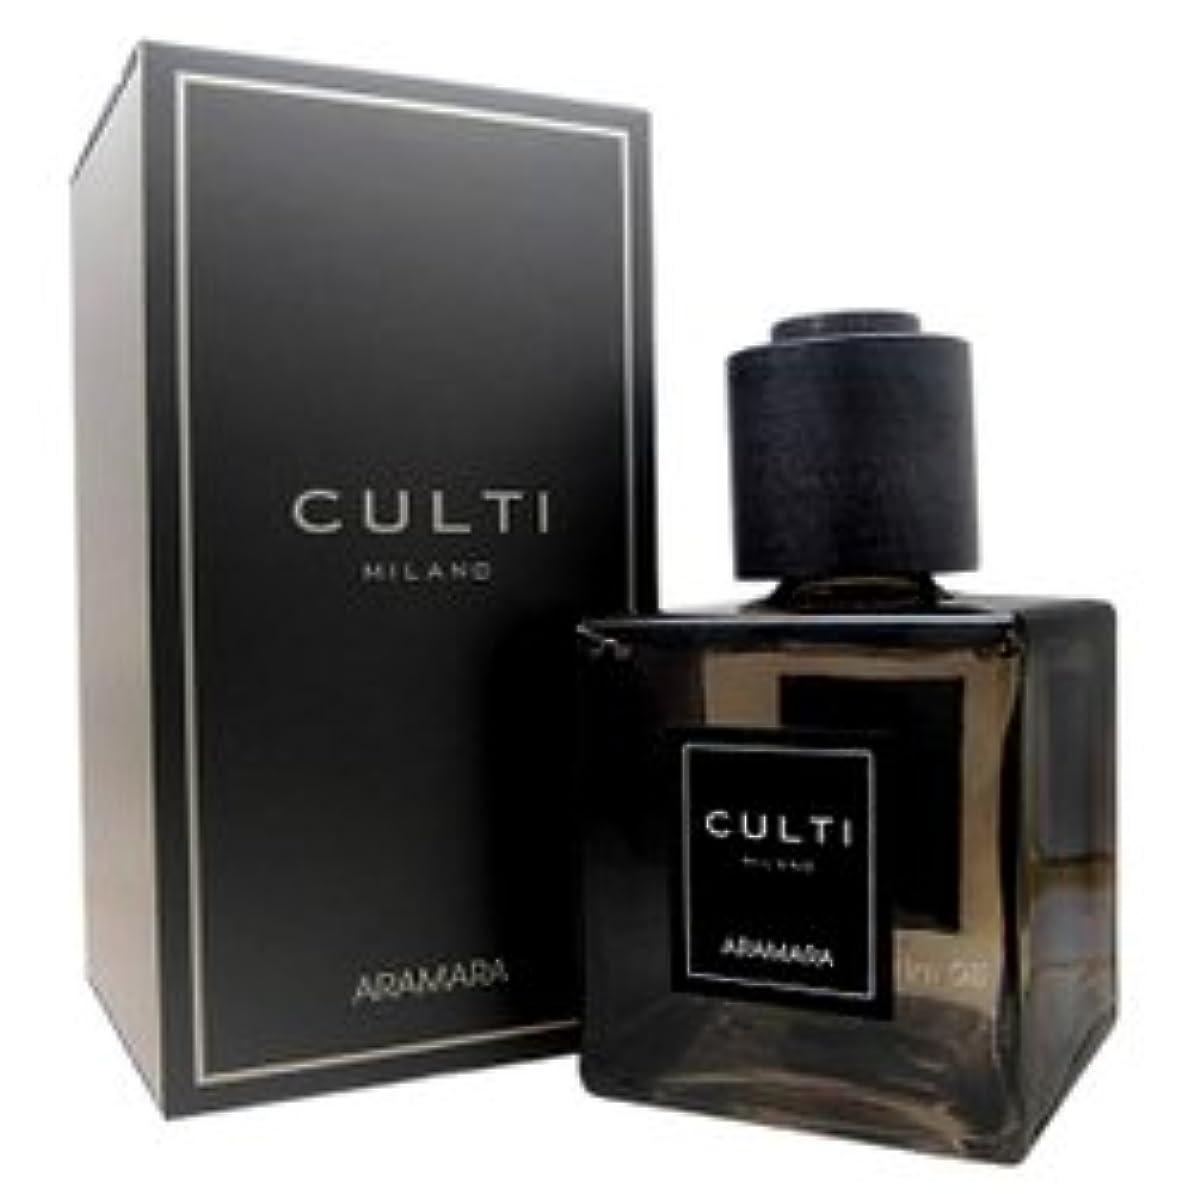 維持弾力性のある方向【CULTI】クルティ デコールクラシック ARAMARA 250ml [並行輸入品]